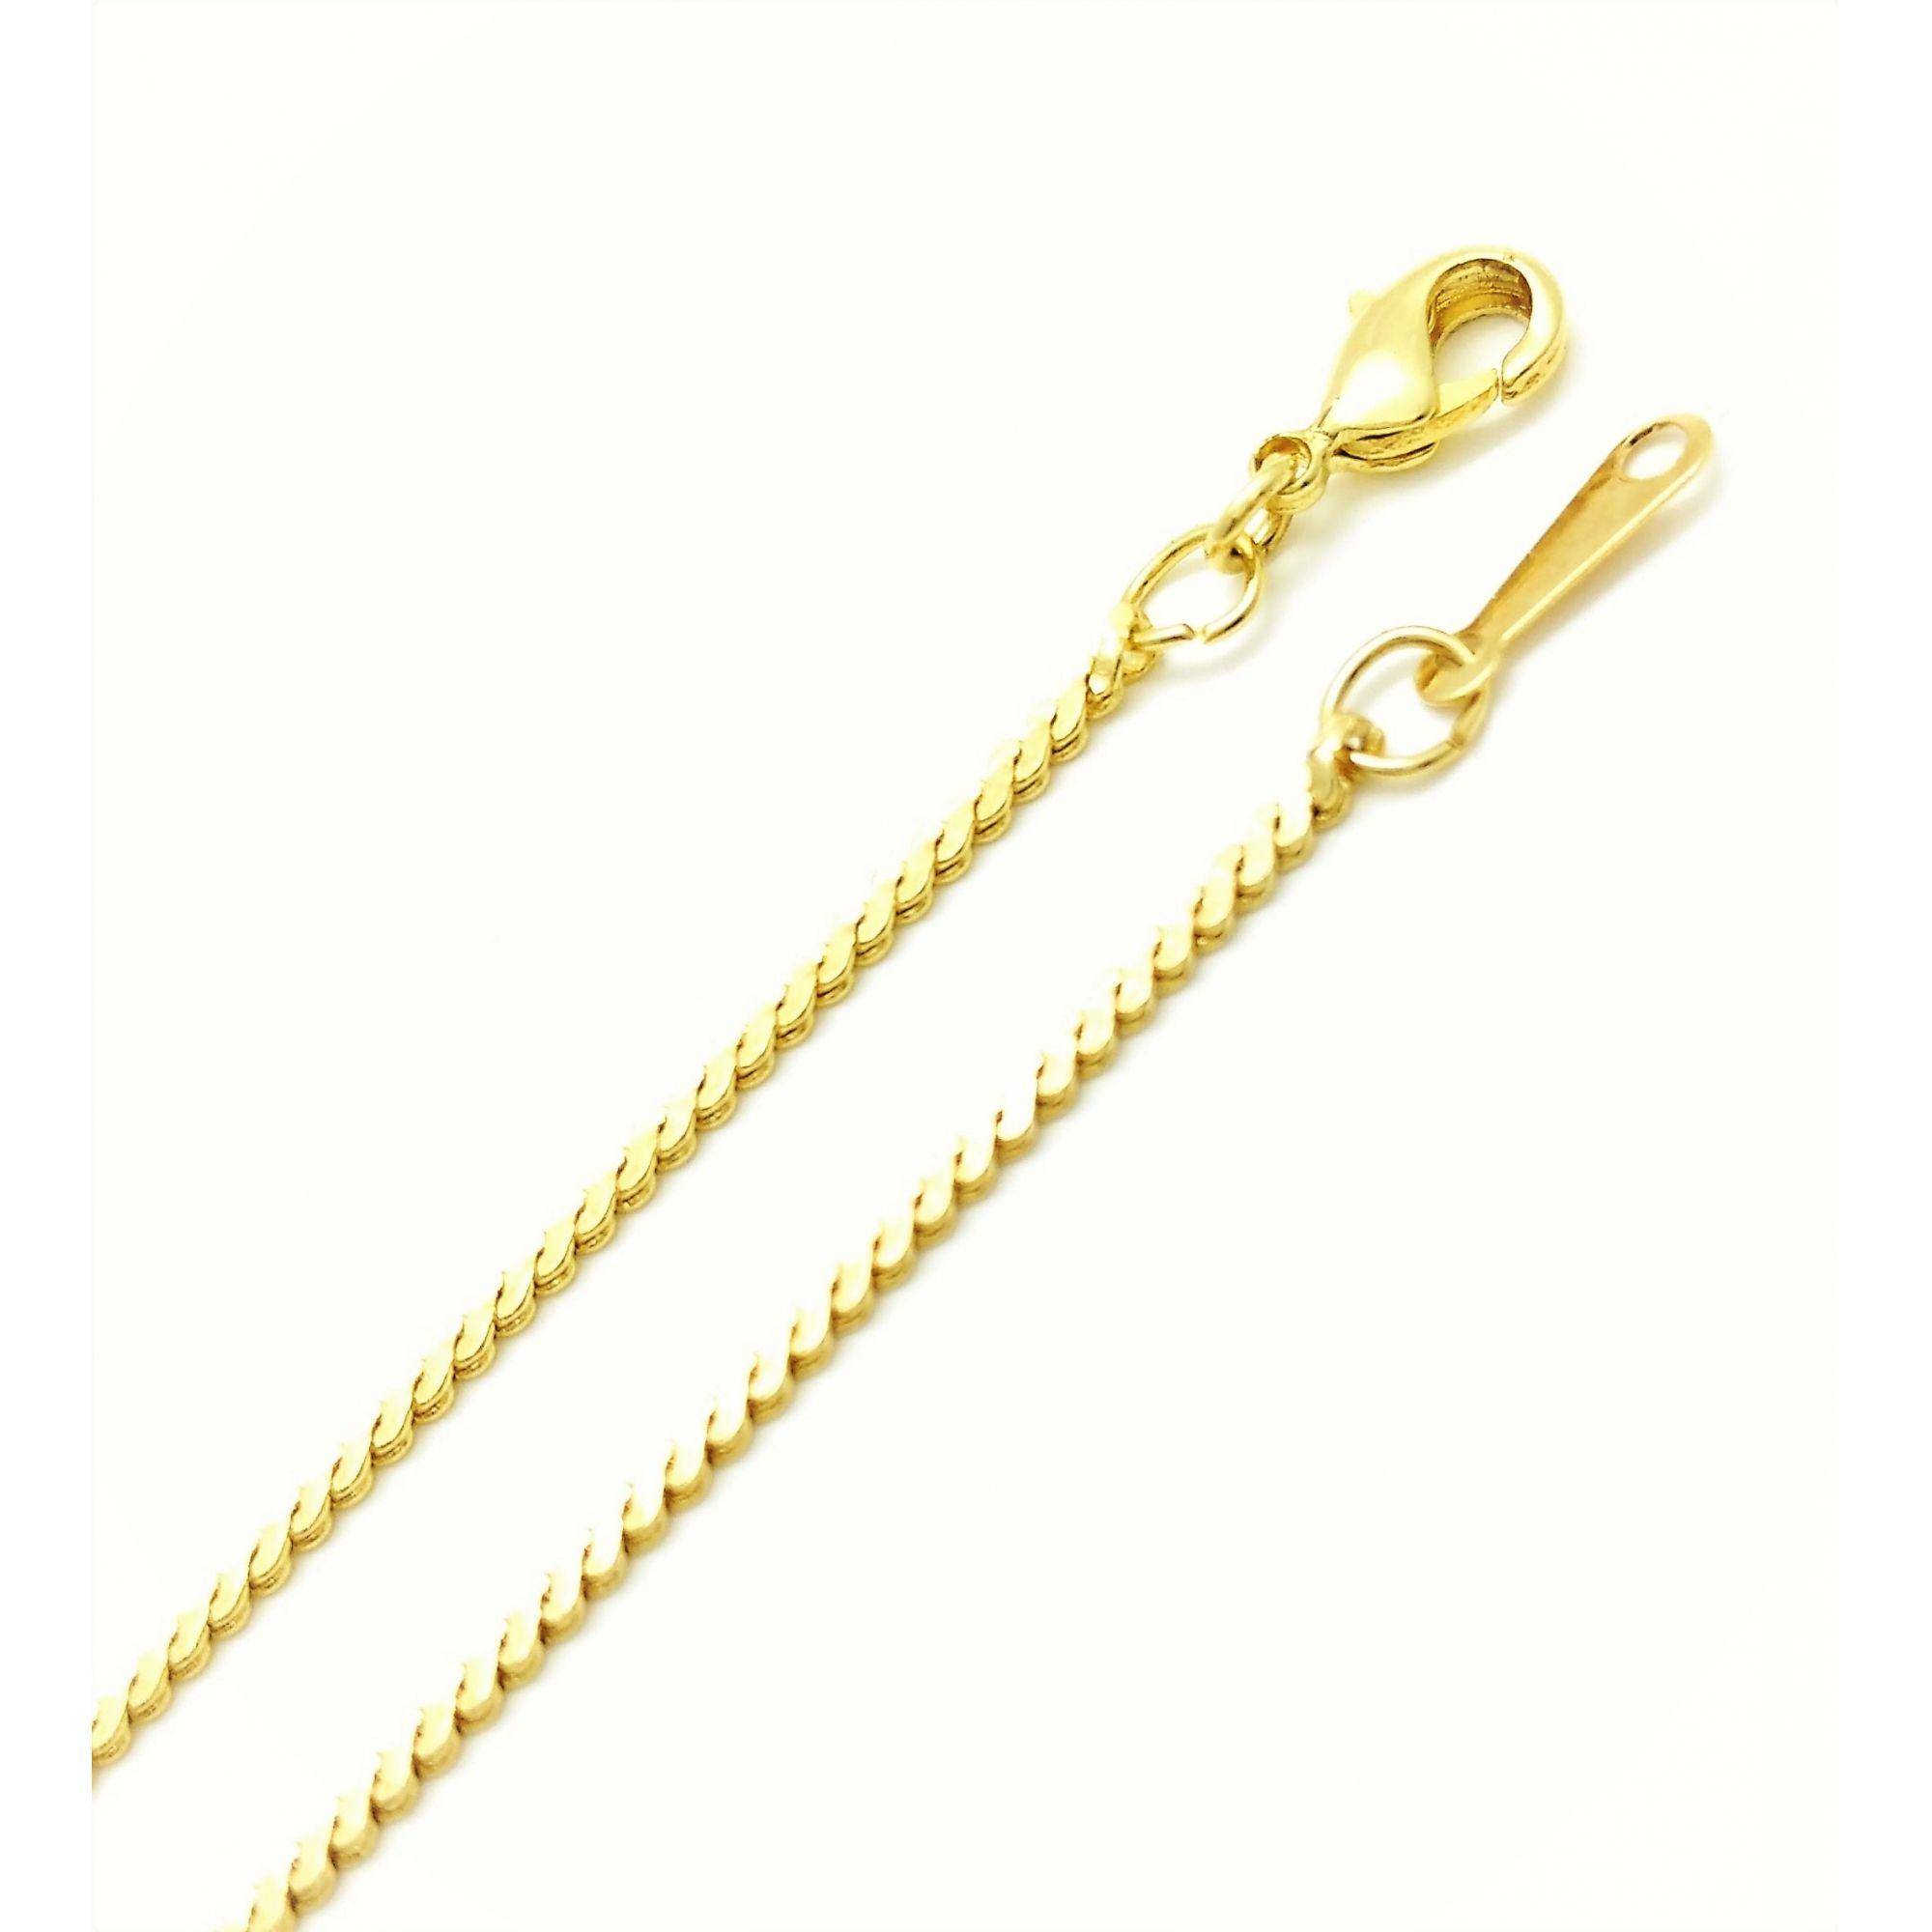 Colar Cordão Cabelo De Anjo 1,3mm 50cm Banho De Ouro 18k 3149